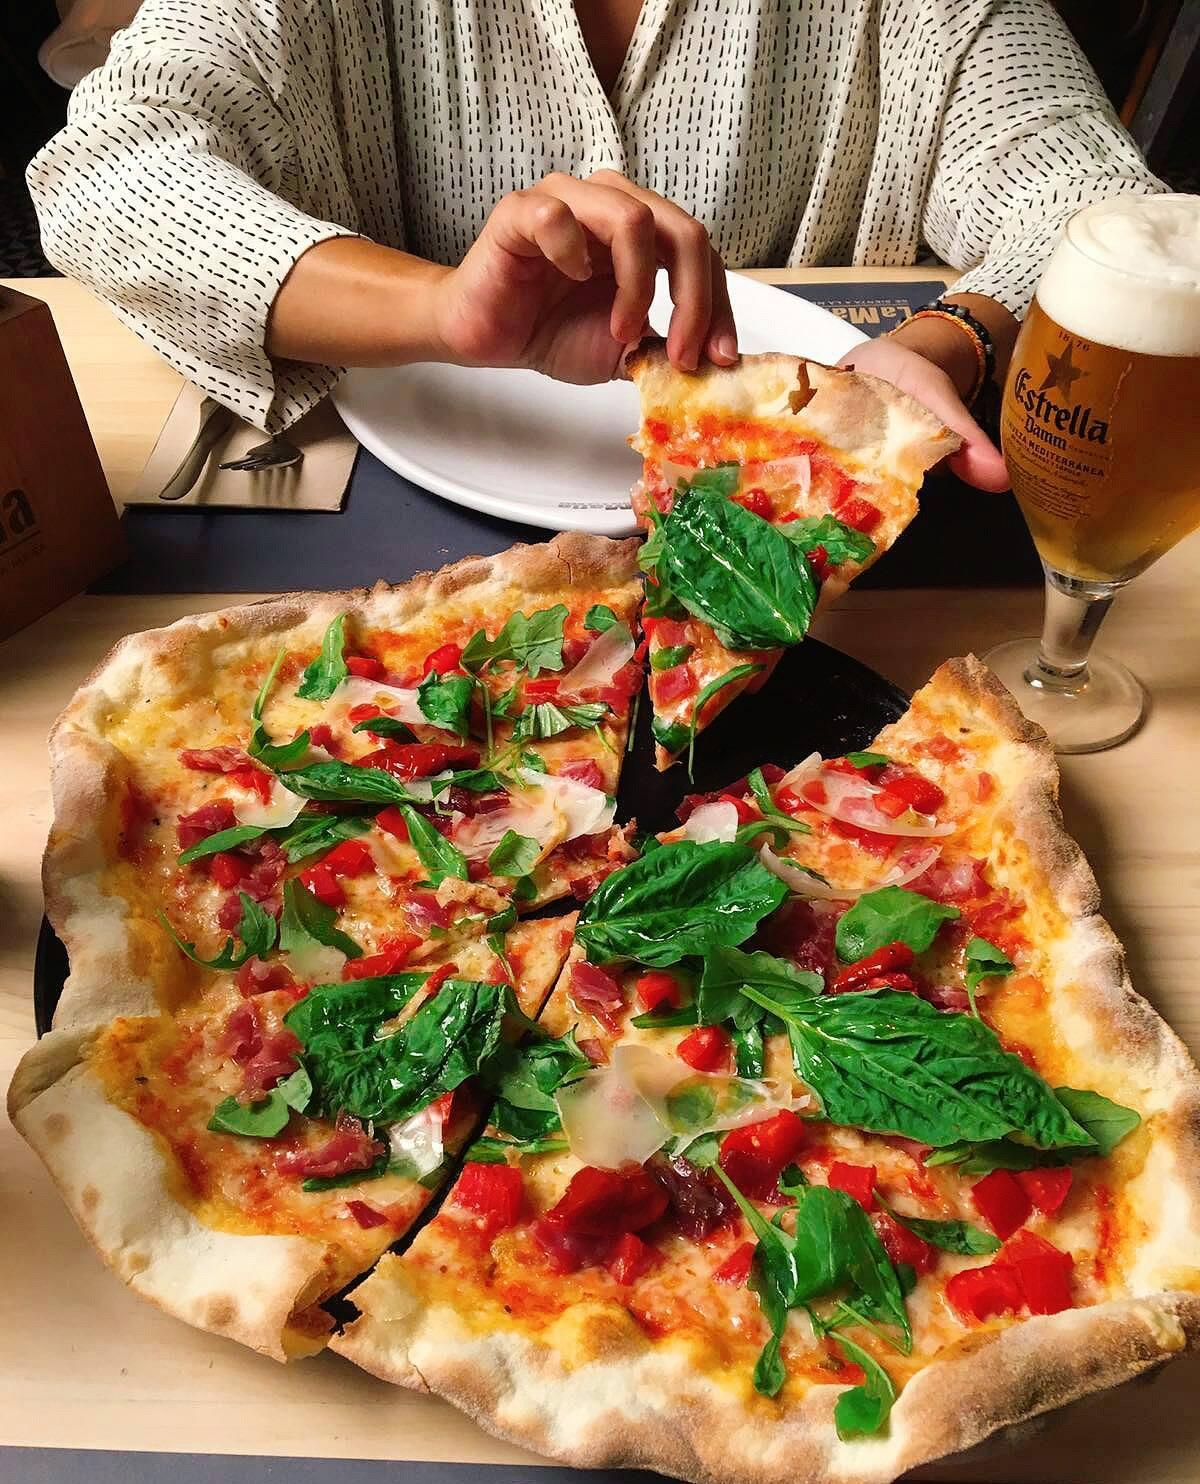 Pizza di Burrata de La Mafia se sienta a la mesa - Una experiencia MINDFULNESS en La Mafia se sienta a la mesa